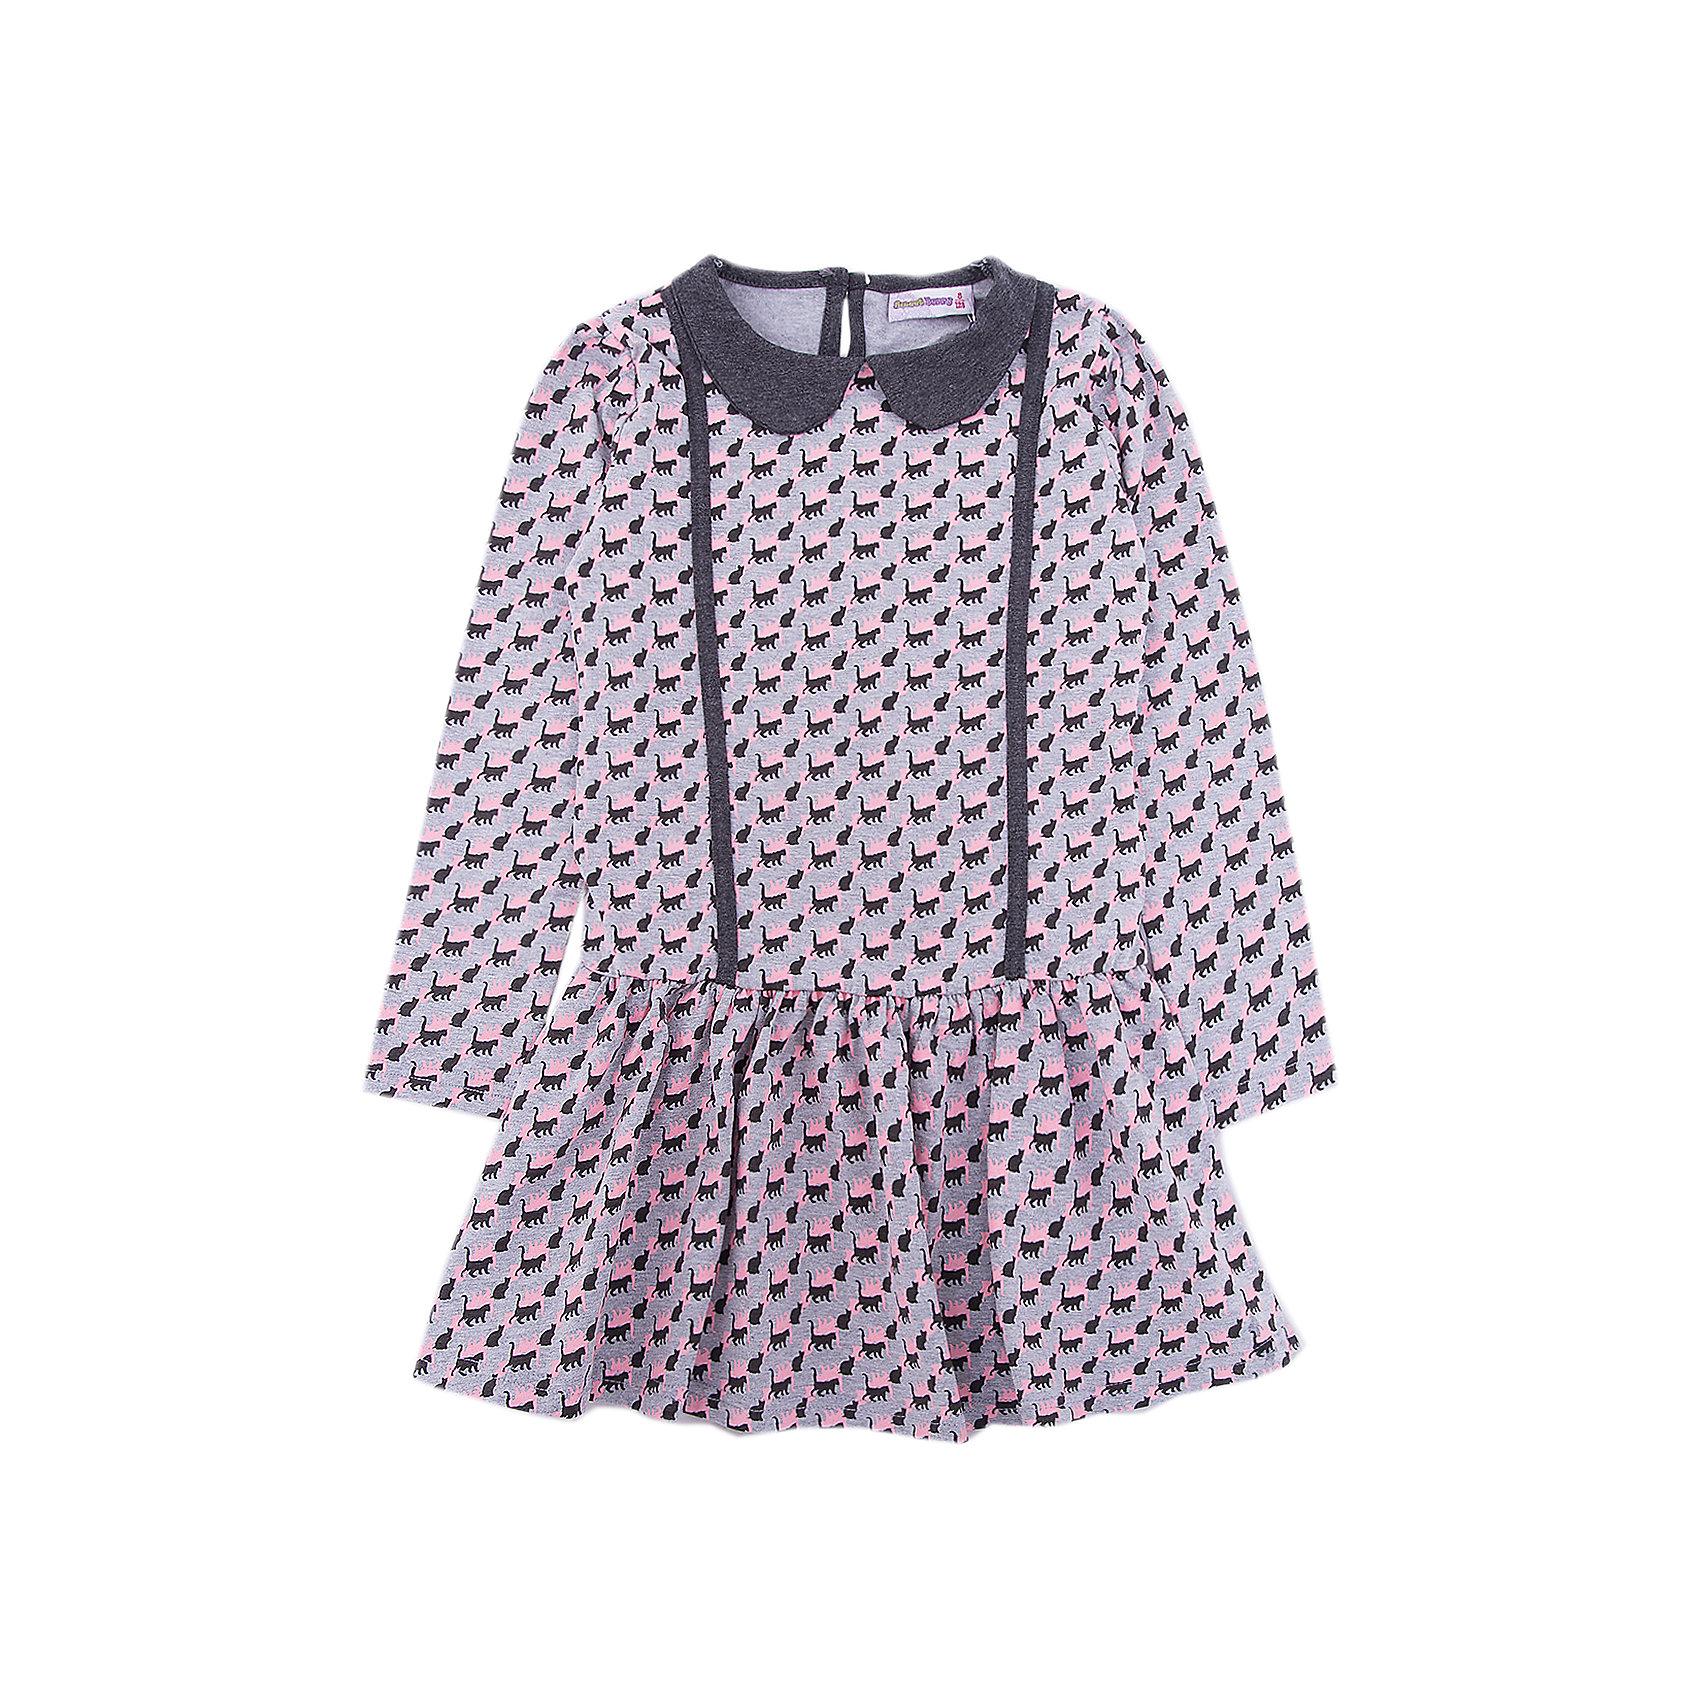 Платье Sweet Berry для девочкиПлатья и сарафаны<br>Платье Sweet Berry для девочки<br>Трикотажное платье для девочки из мягкой хлопковой ткани с печатным рисунком, отложным воротничком. Застегивается на спинке на пуговку.<br>Состав:<br>95% хлопок, 5% эластан<br><br>Ширина мм: 236<br>Глубина мм: 16<br>Высота мм: 184<br>Вес г: 177<br>Цвет: серый<br>Возраст от месяцев: 84<br>Возраст до месяцев: 96<br>Пол: Женский<br>Возраст: Детский<br>Размер: 128,98,104,110,116,122<br>SKU: 7094115